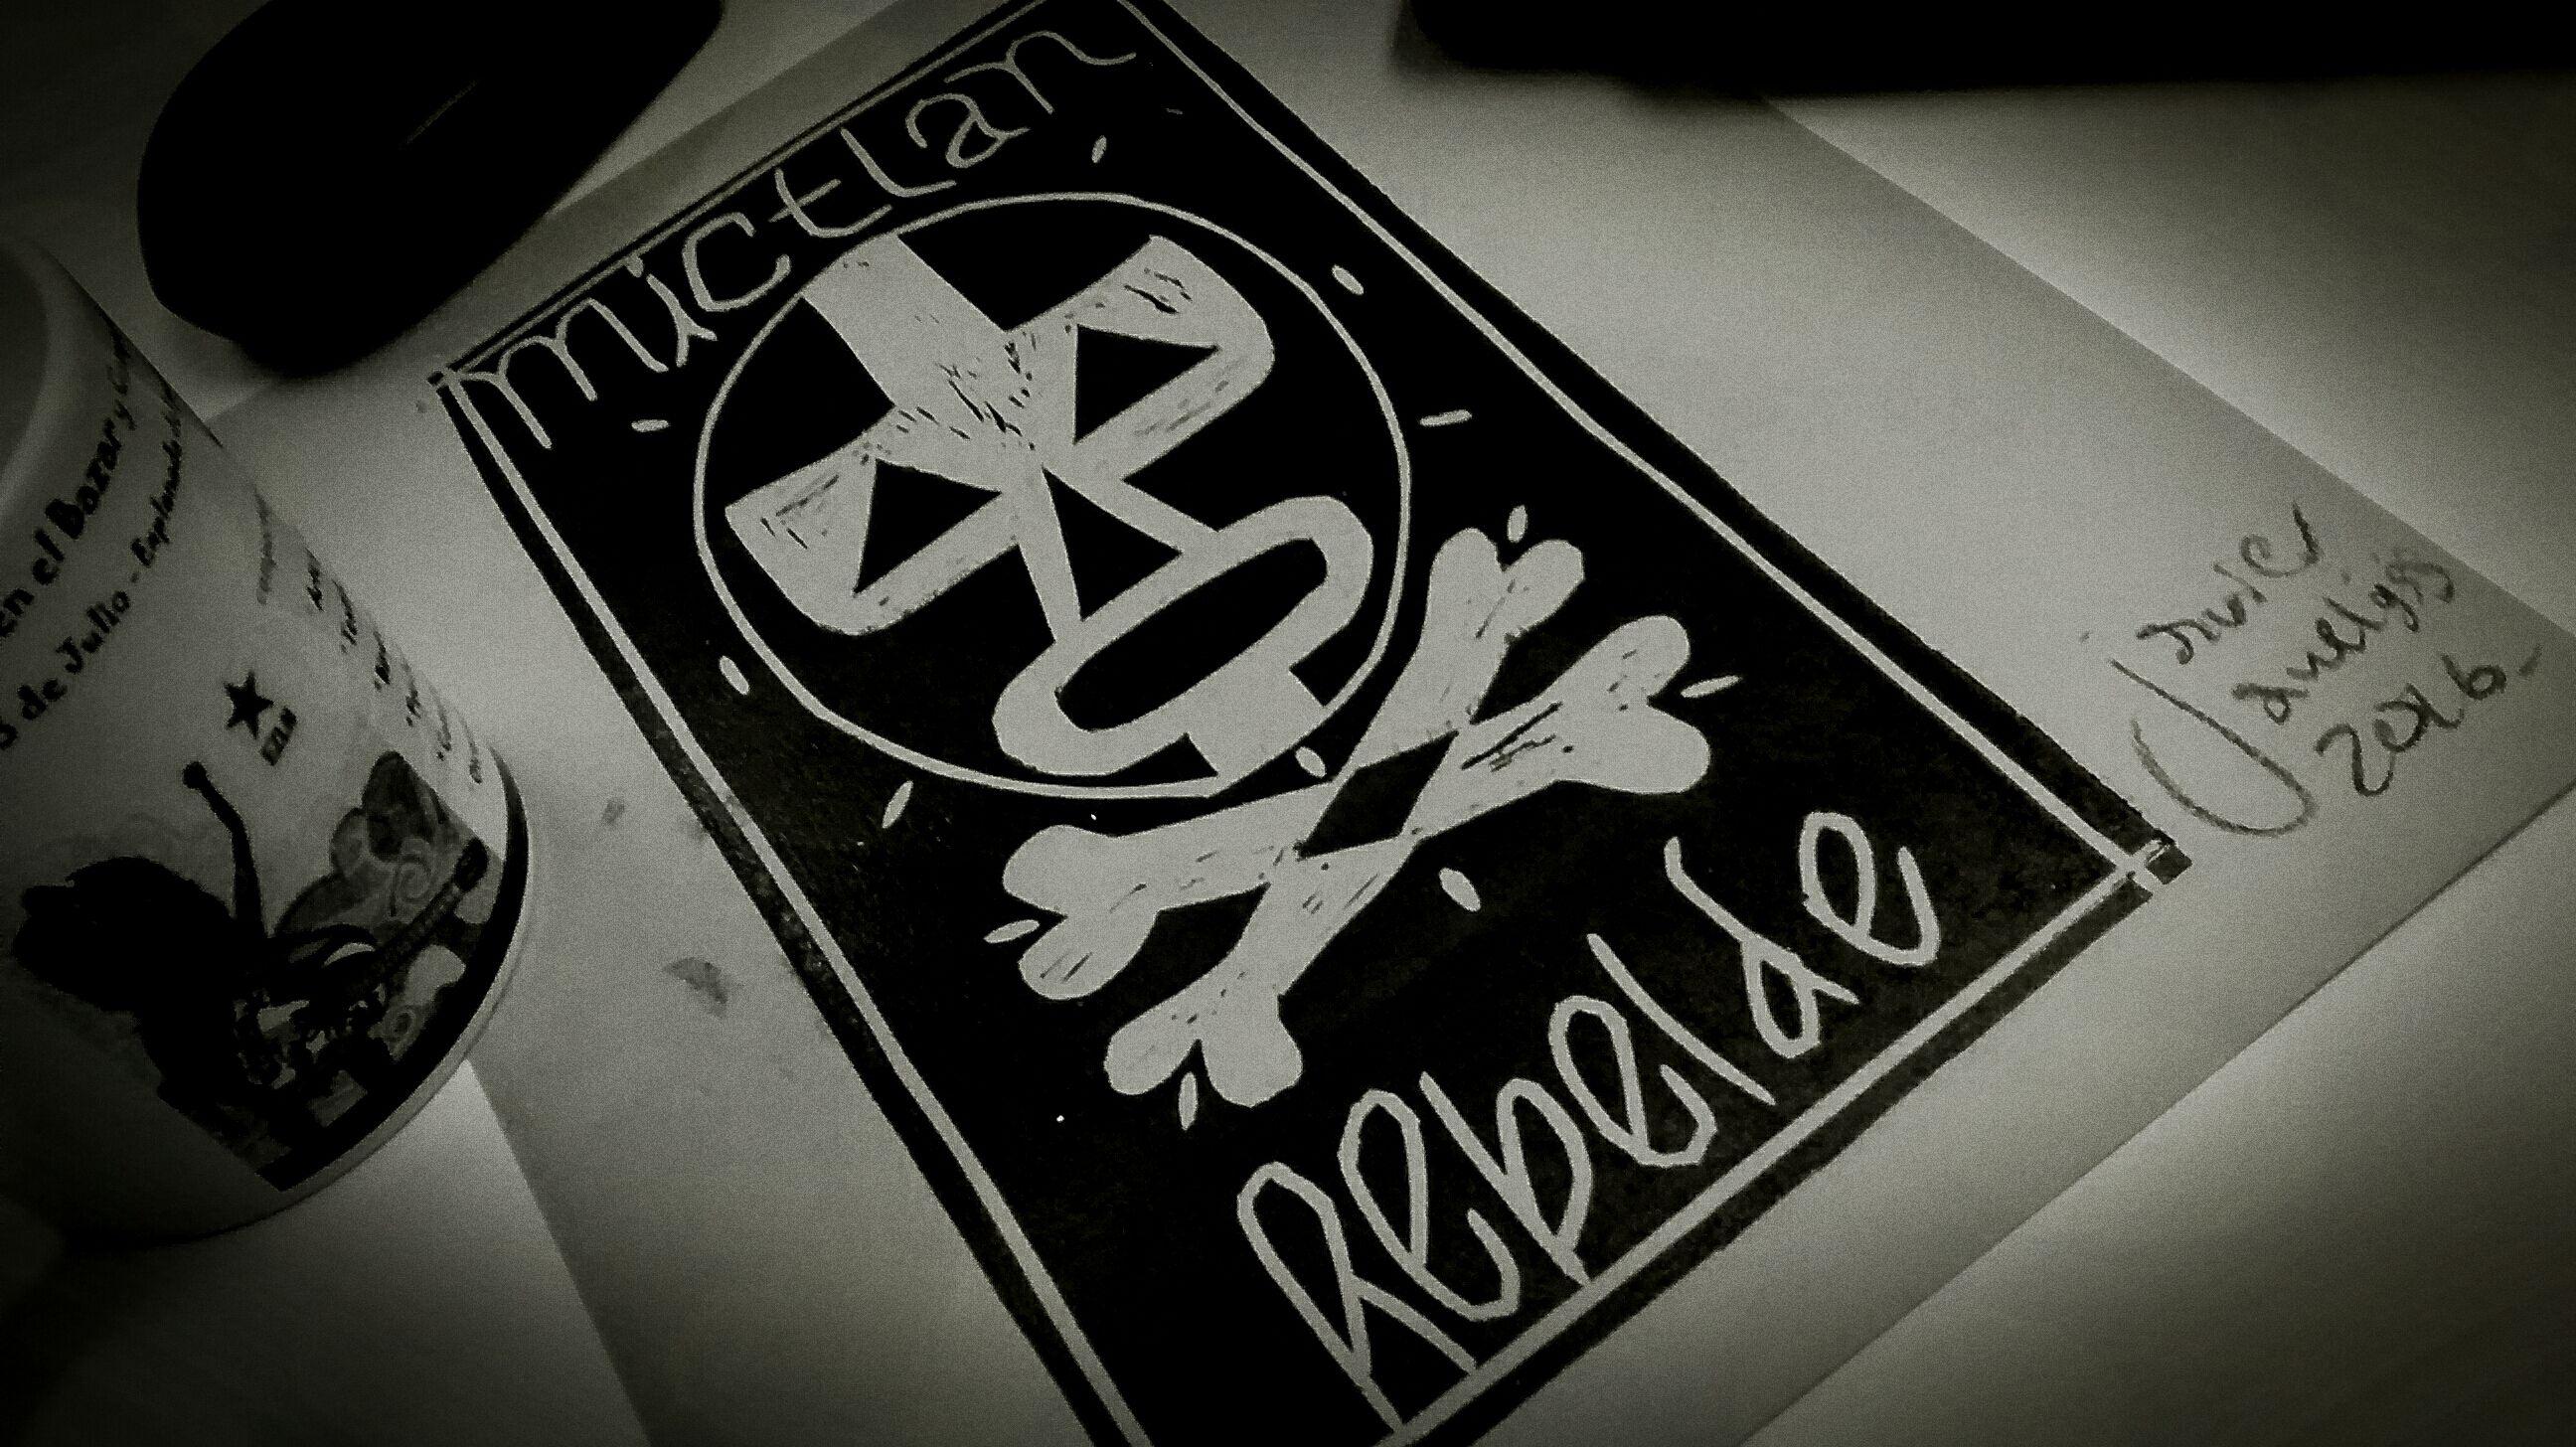 Mictlán rebelde